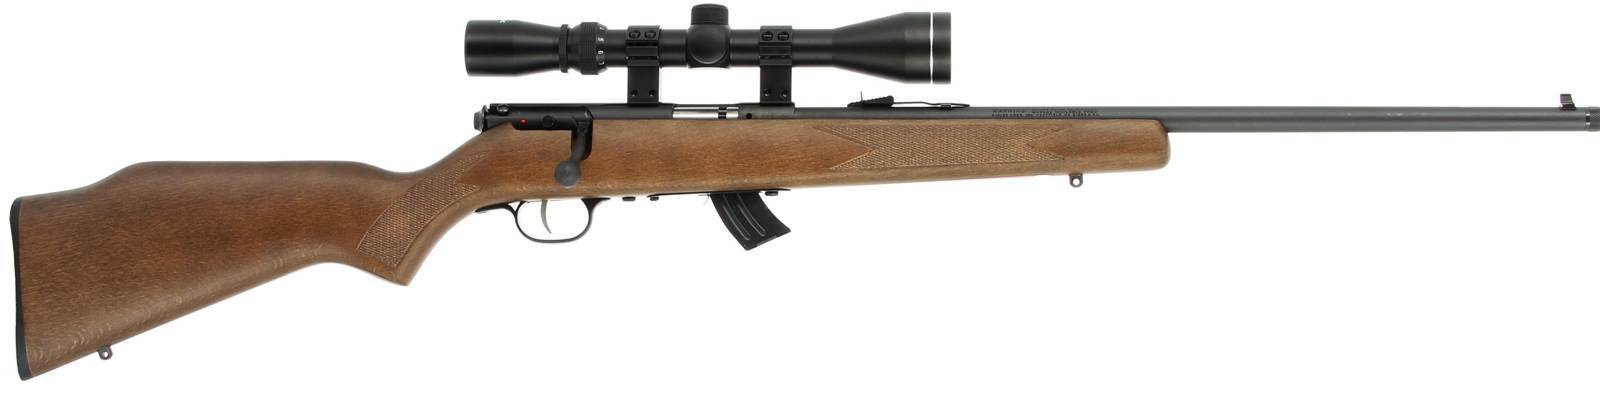 Choisir sa carabine 22 pour la chasse au petit gibier